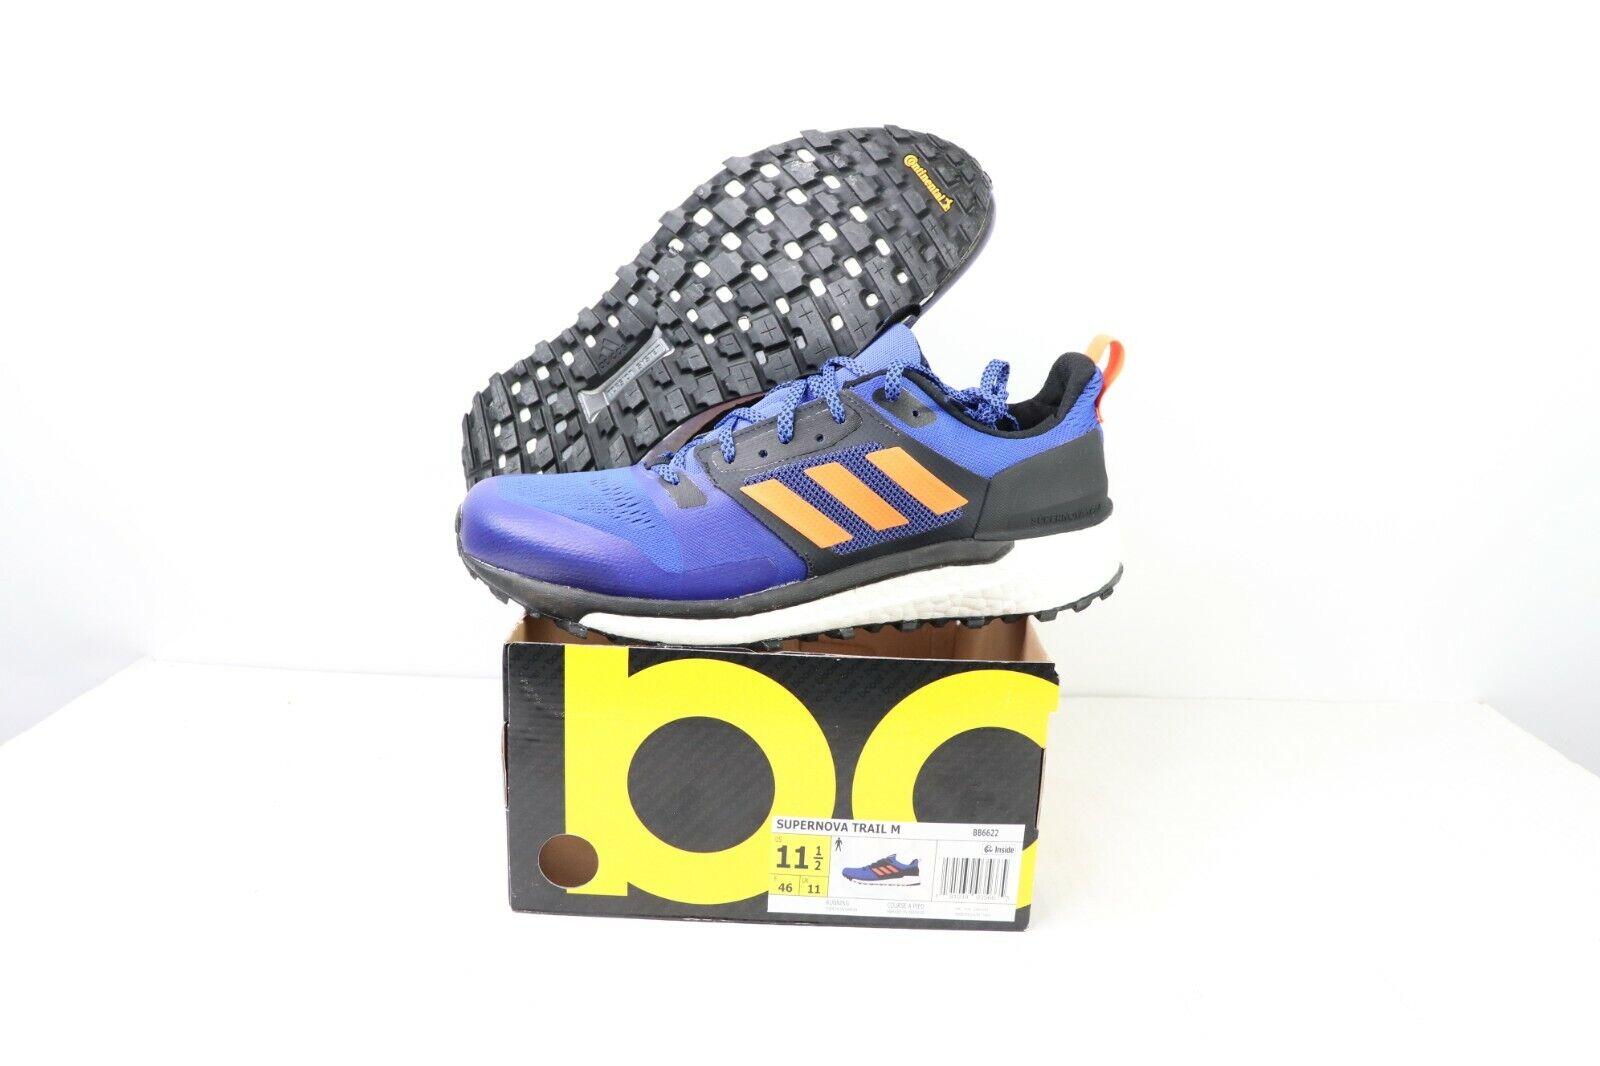 Neu Neu Neu Adidas Boost Herren Größe 11.5 Supernova Trail Outdoor Running Jogging  allgemeine hohe Qualität